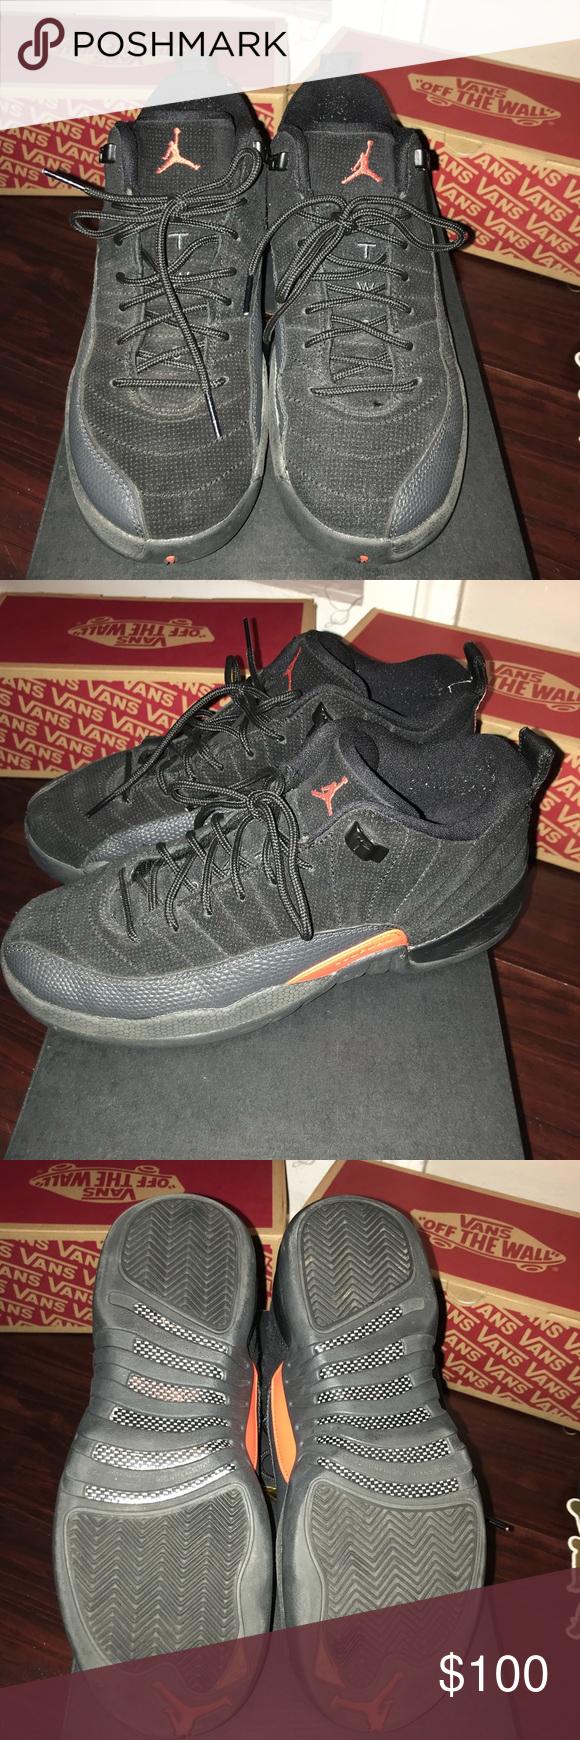 low priced a4e80 4647d Jordans Size 7 youth size 9 women jordan 12 max orange ...